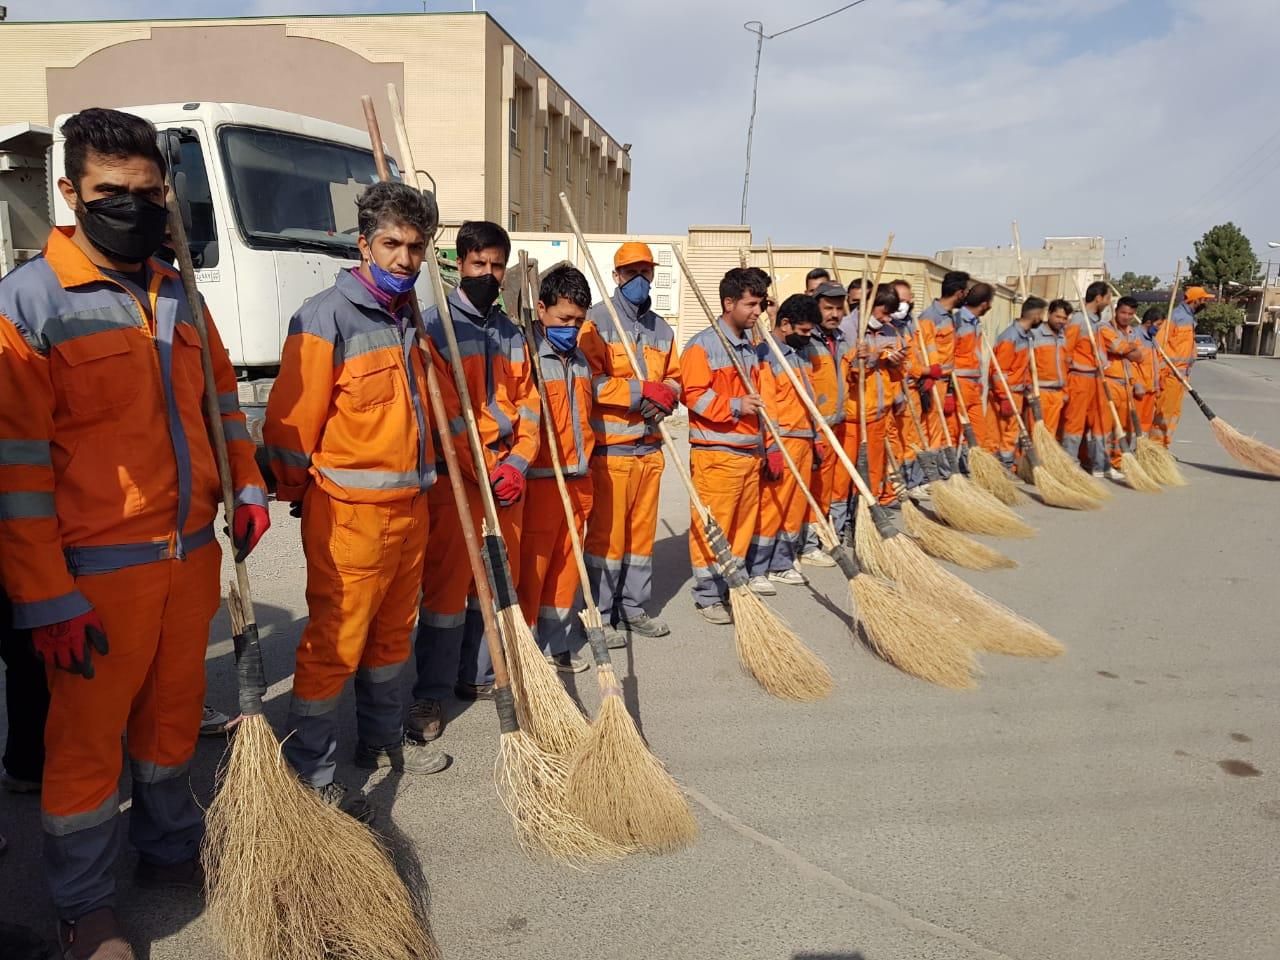 طرح ویژه پاکسازی محلات توسط شهرداری نیشابور